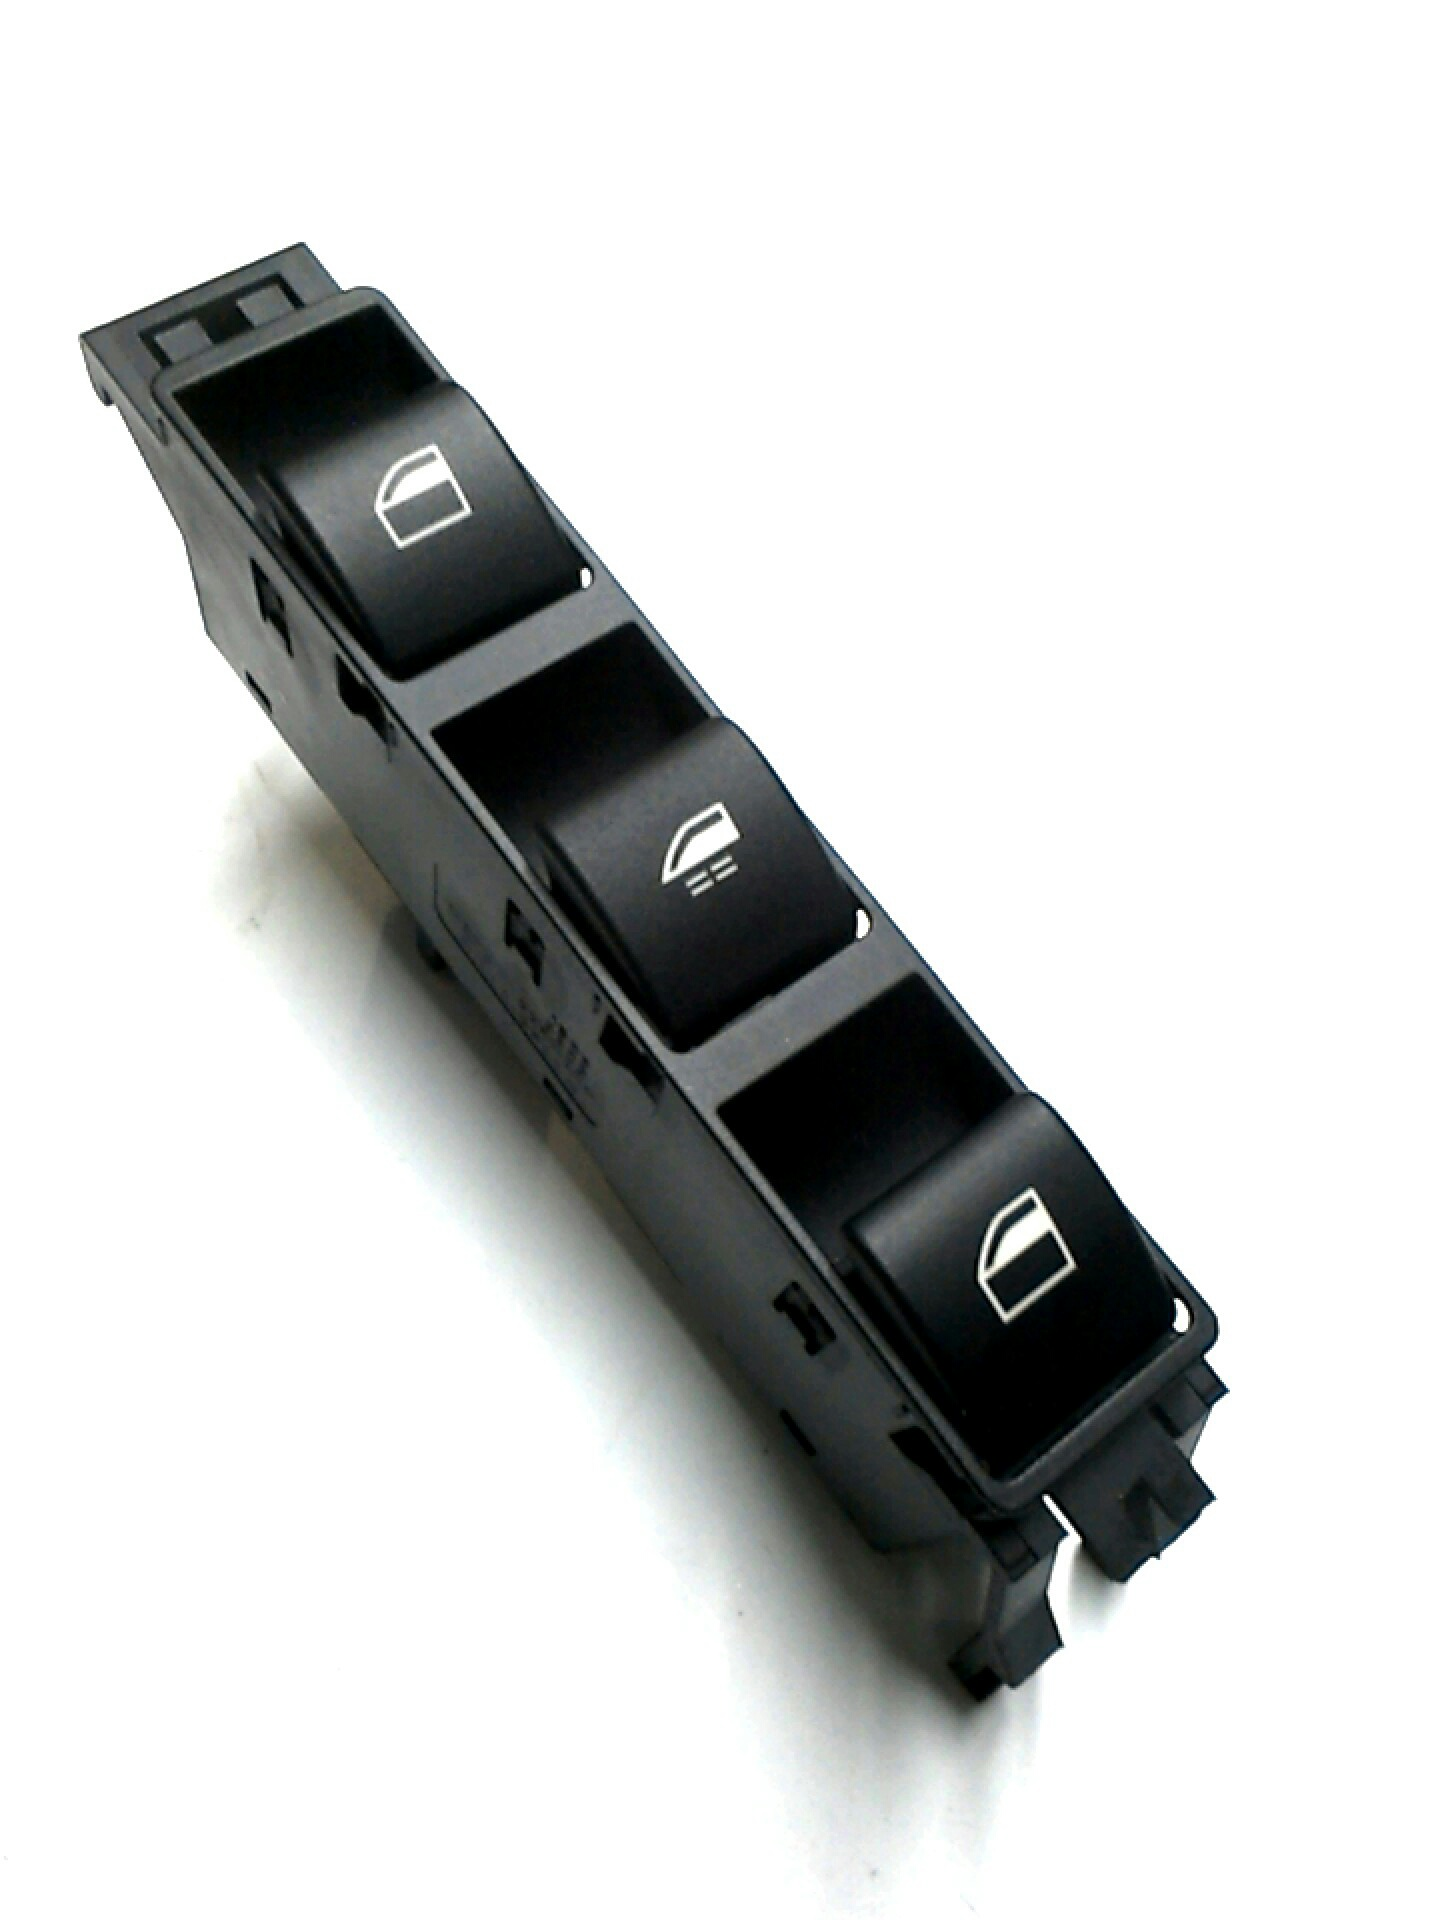 Bmw 323ci switch window lifter driver 39 s side system for 2001 bmw 330ci window switch